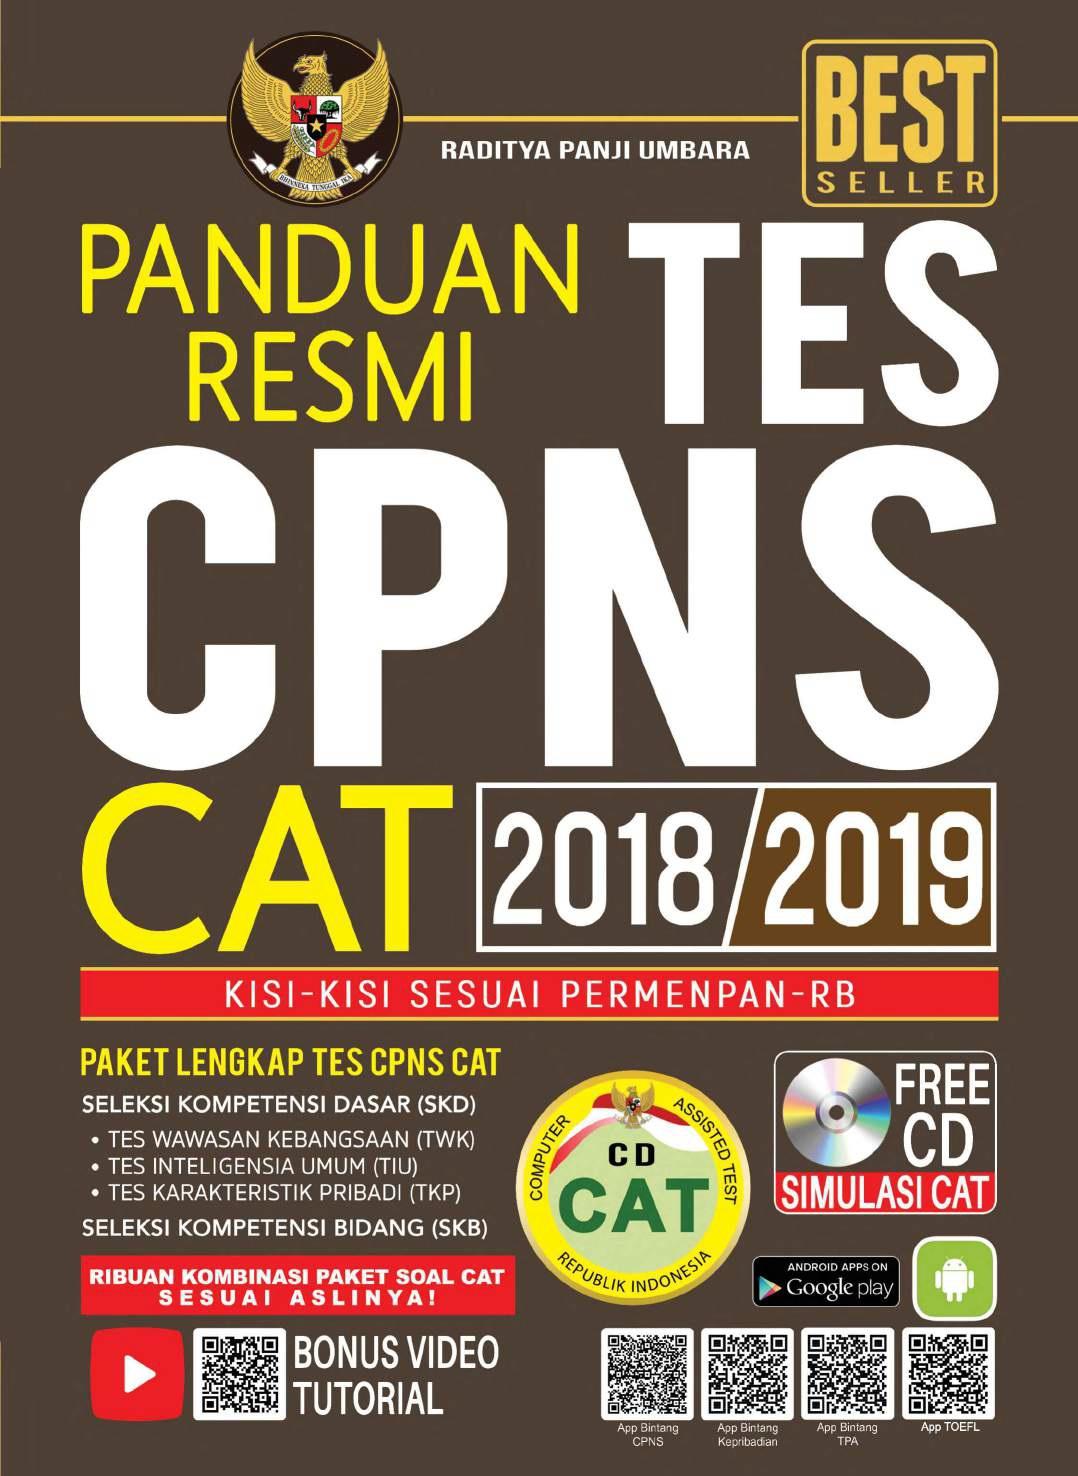 Download Panduan Resmi Tes CPNS CAT 2018-2019